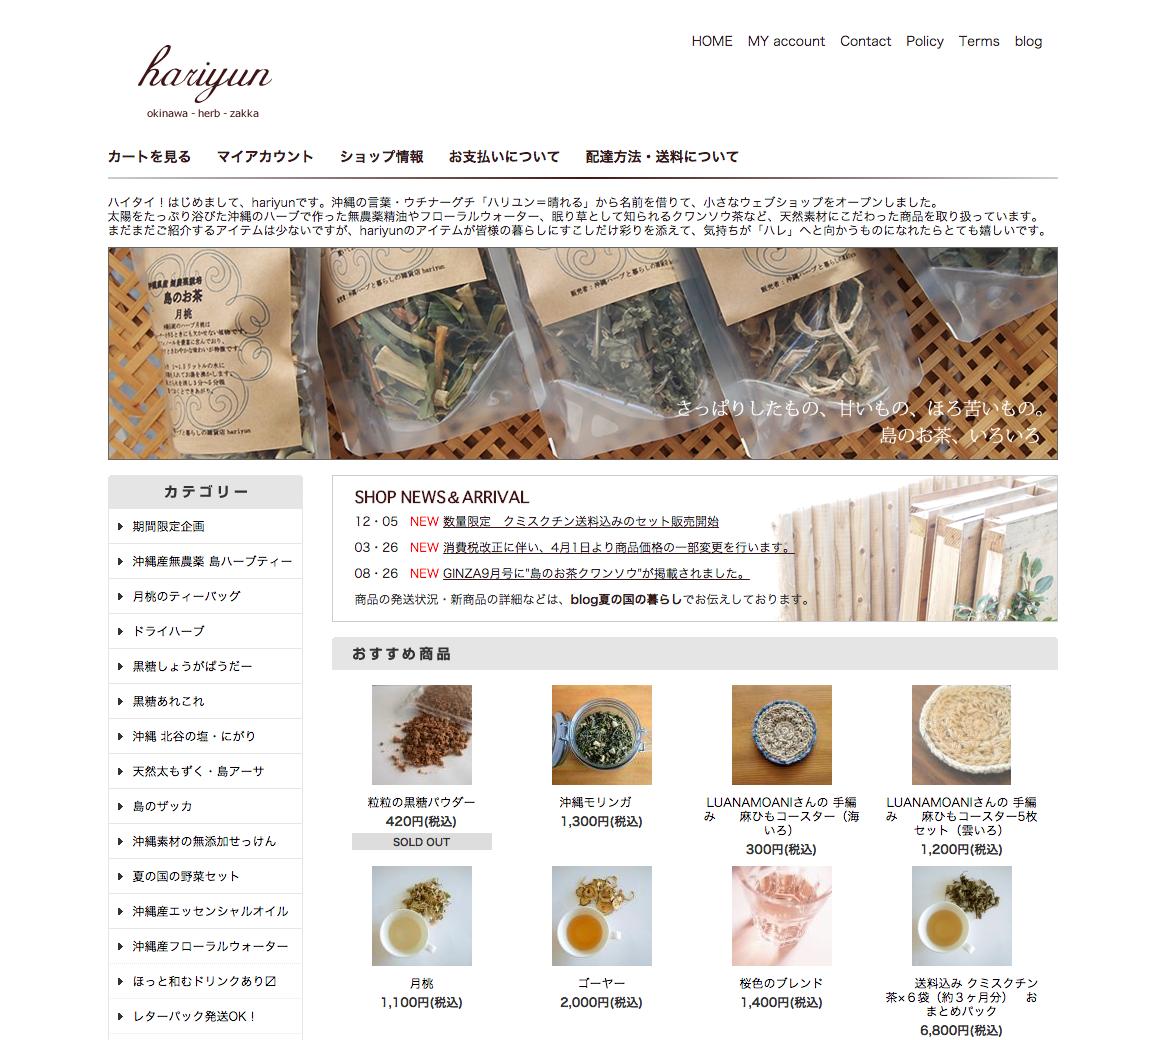 沖縄生まれのちょっと良いものを販売しているhariyunの通販サイトトップページです。